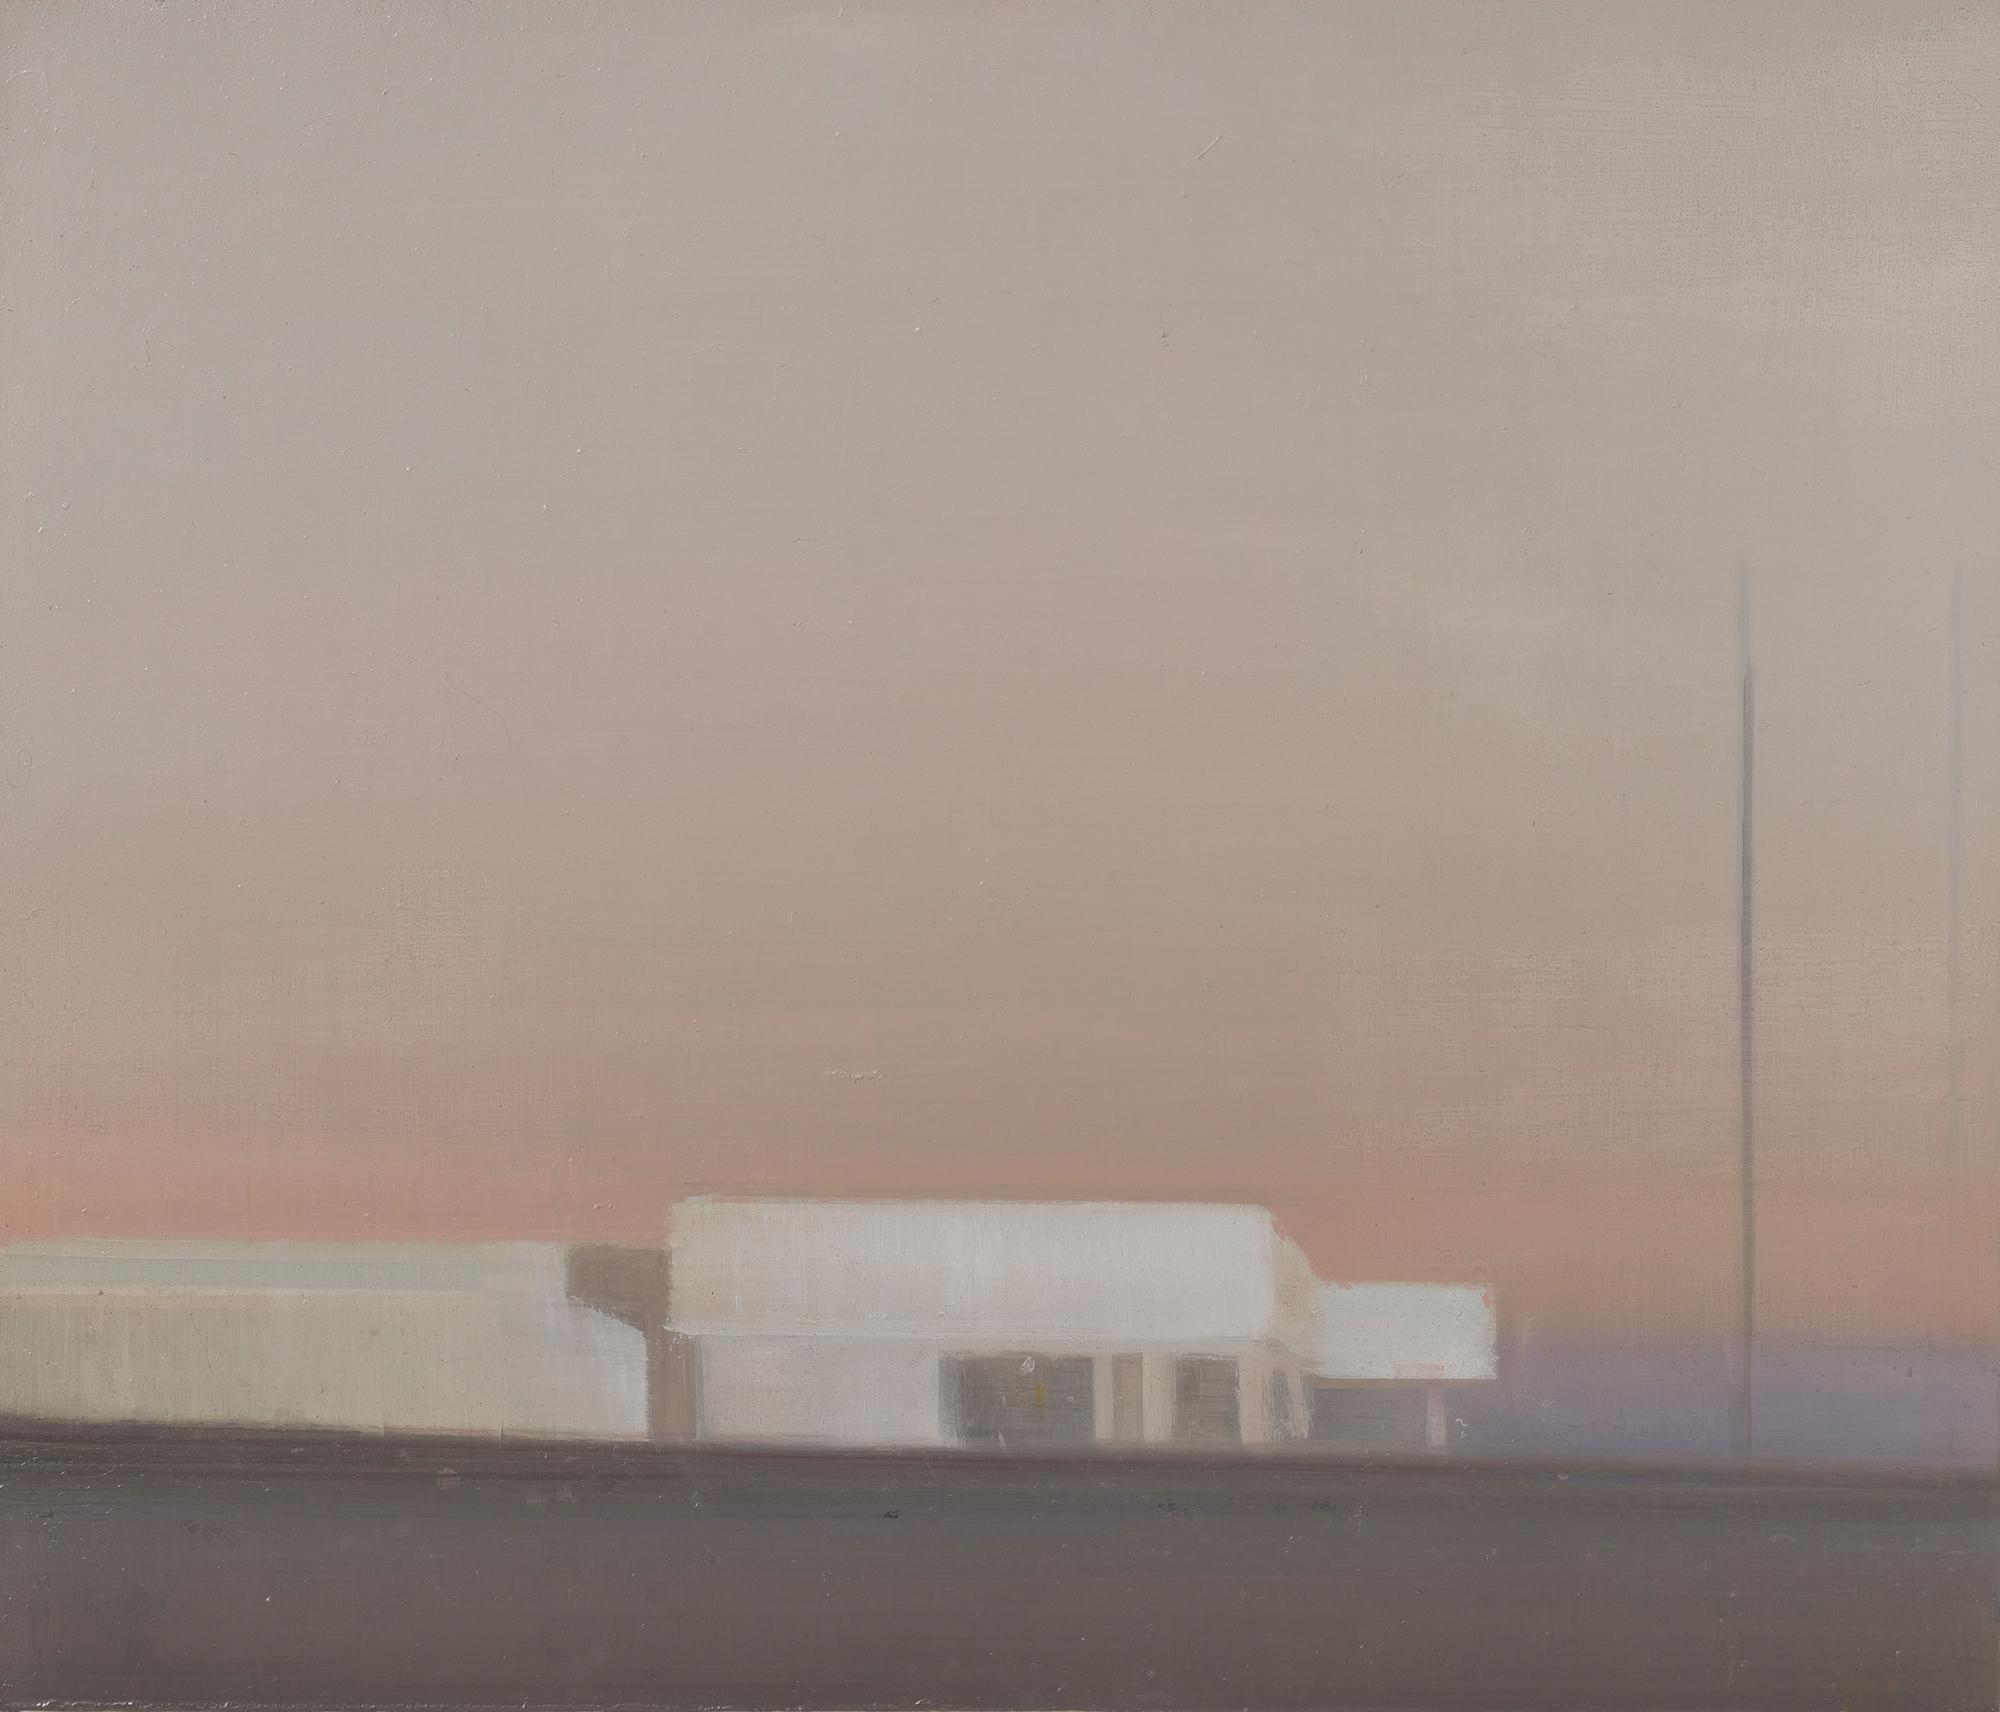 Eric Keller - Schönbach, 2021,Öl auf Holz, 55 x 65 cm, Foto: Baldauf & Baldauf